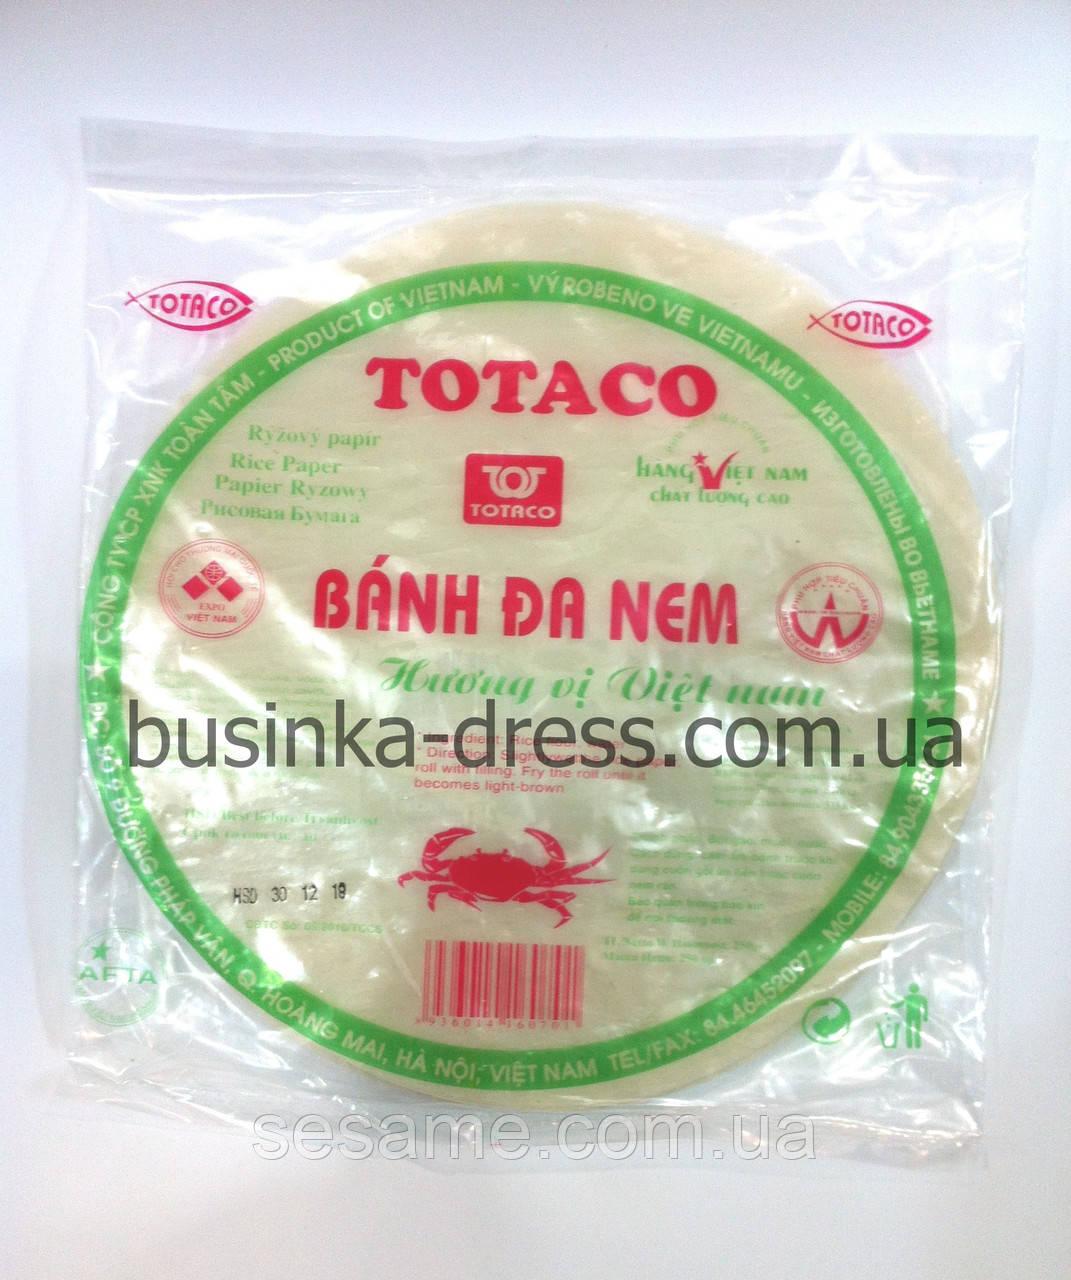 Рисовая бумага  Rice Paper TOTACO 250г (Вьетнам)